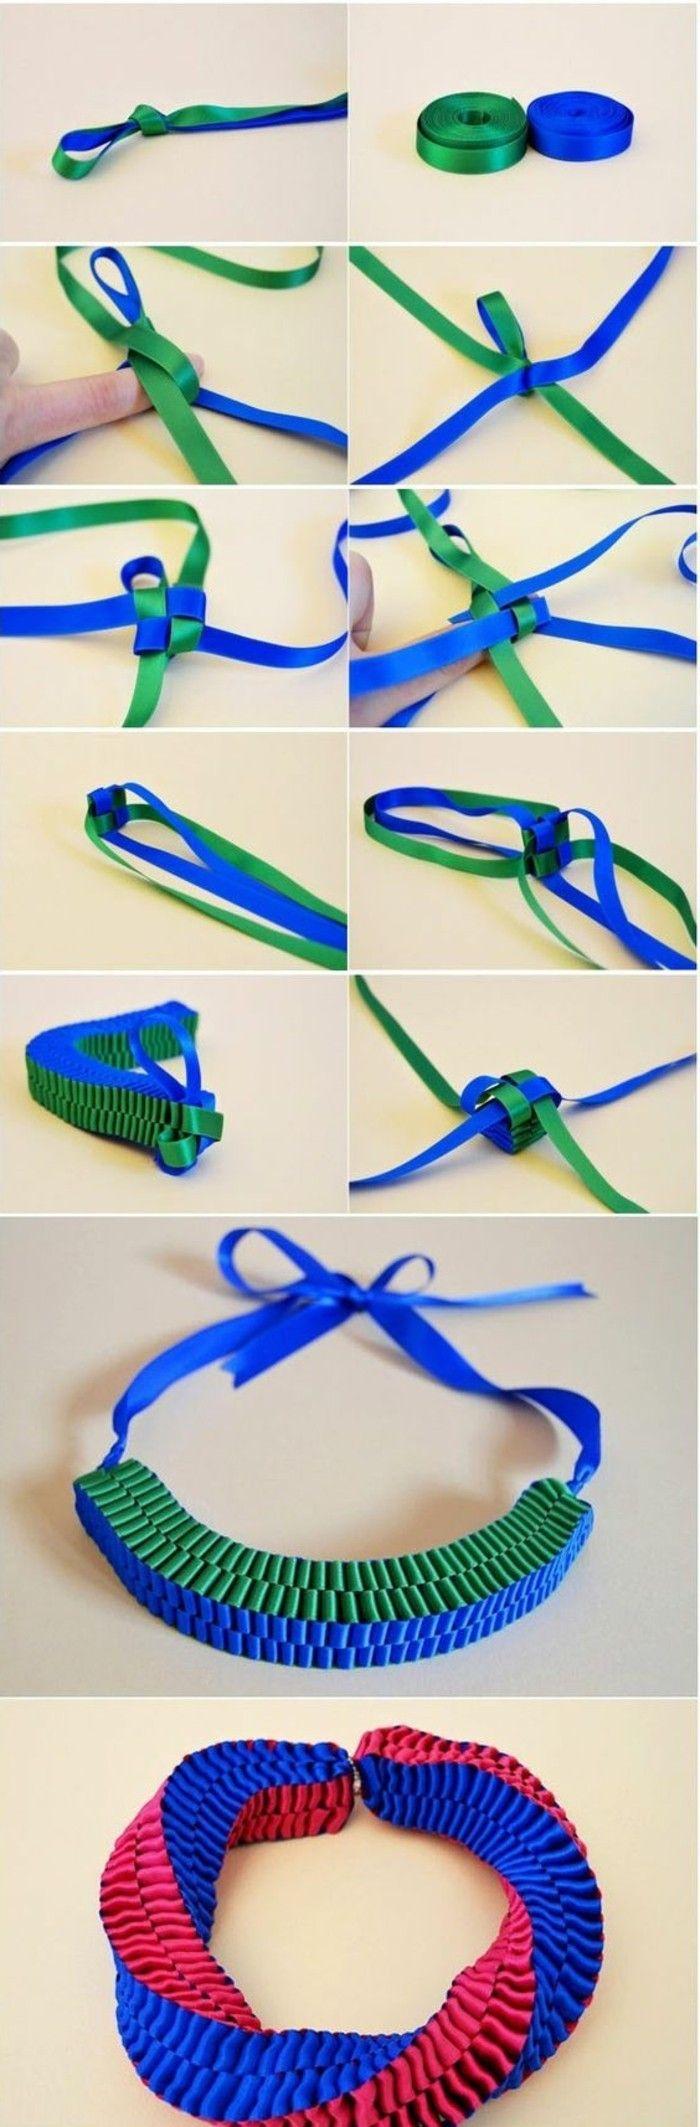 comment fabriquer des bijoux à la maison, une facile idée pour collier en tissu coloré